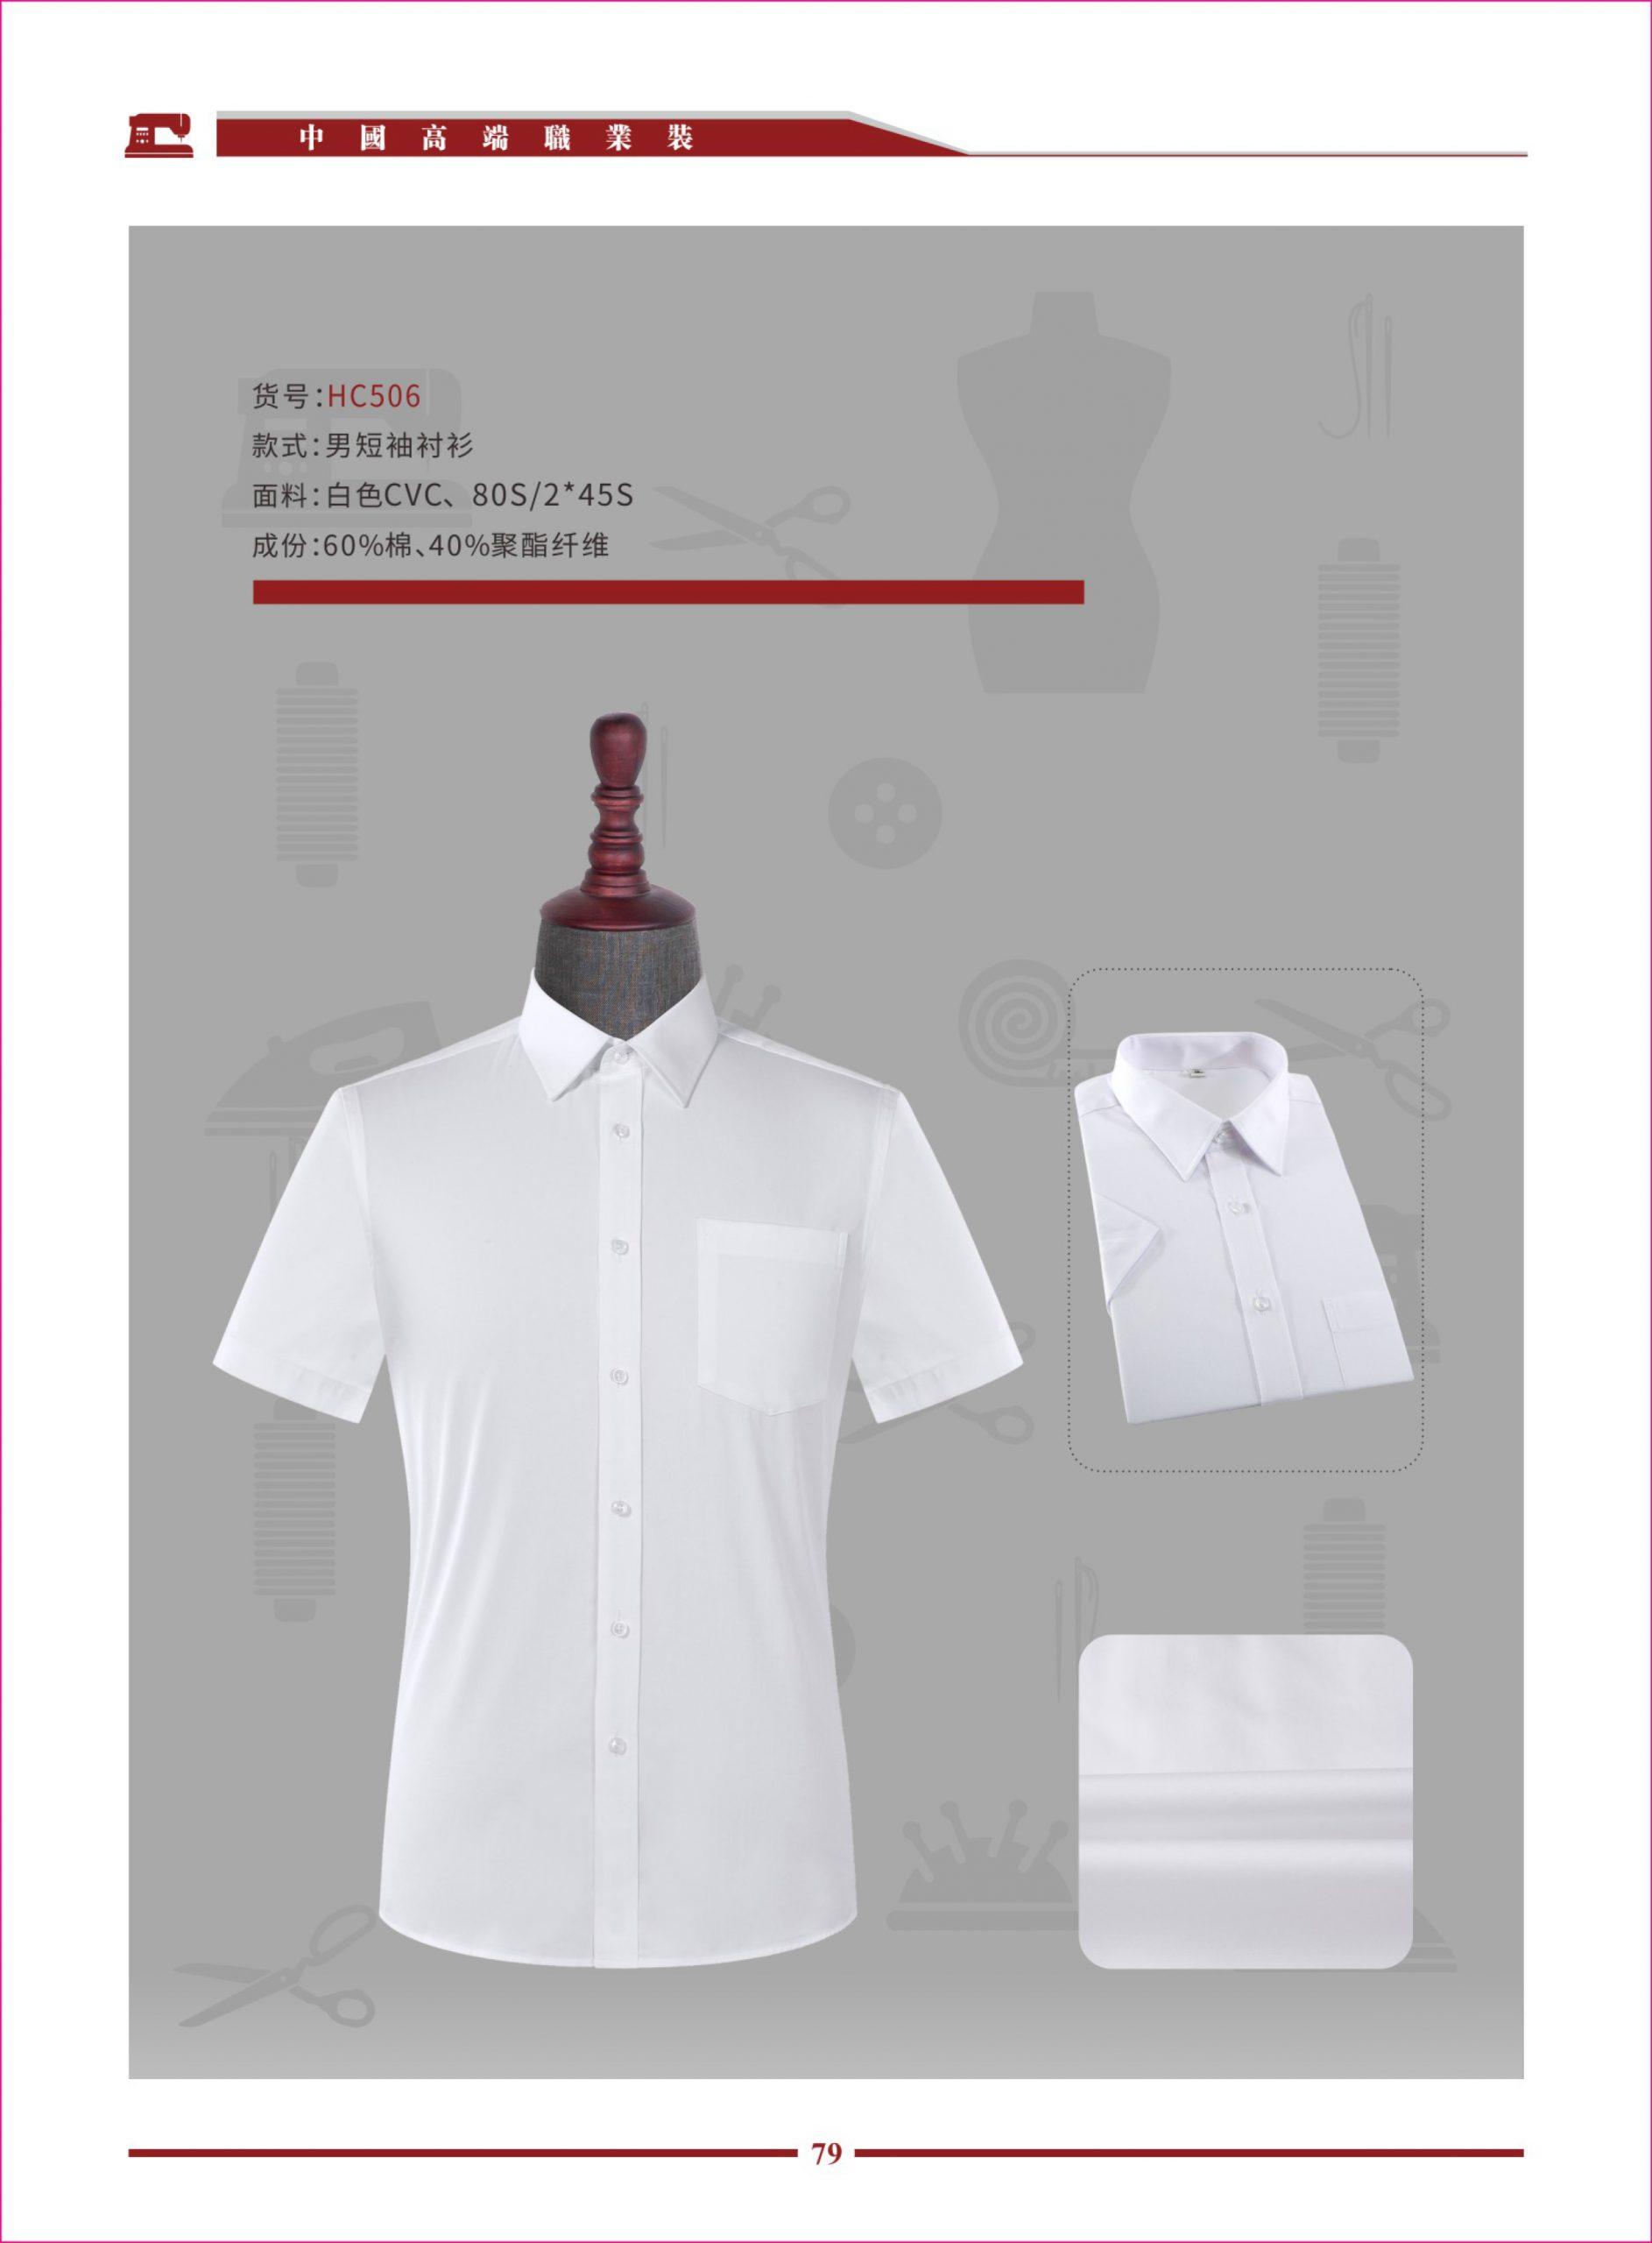 短袖衬衫A类